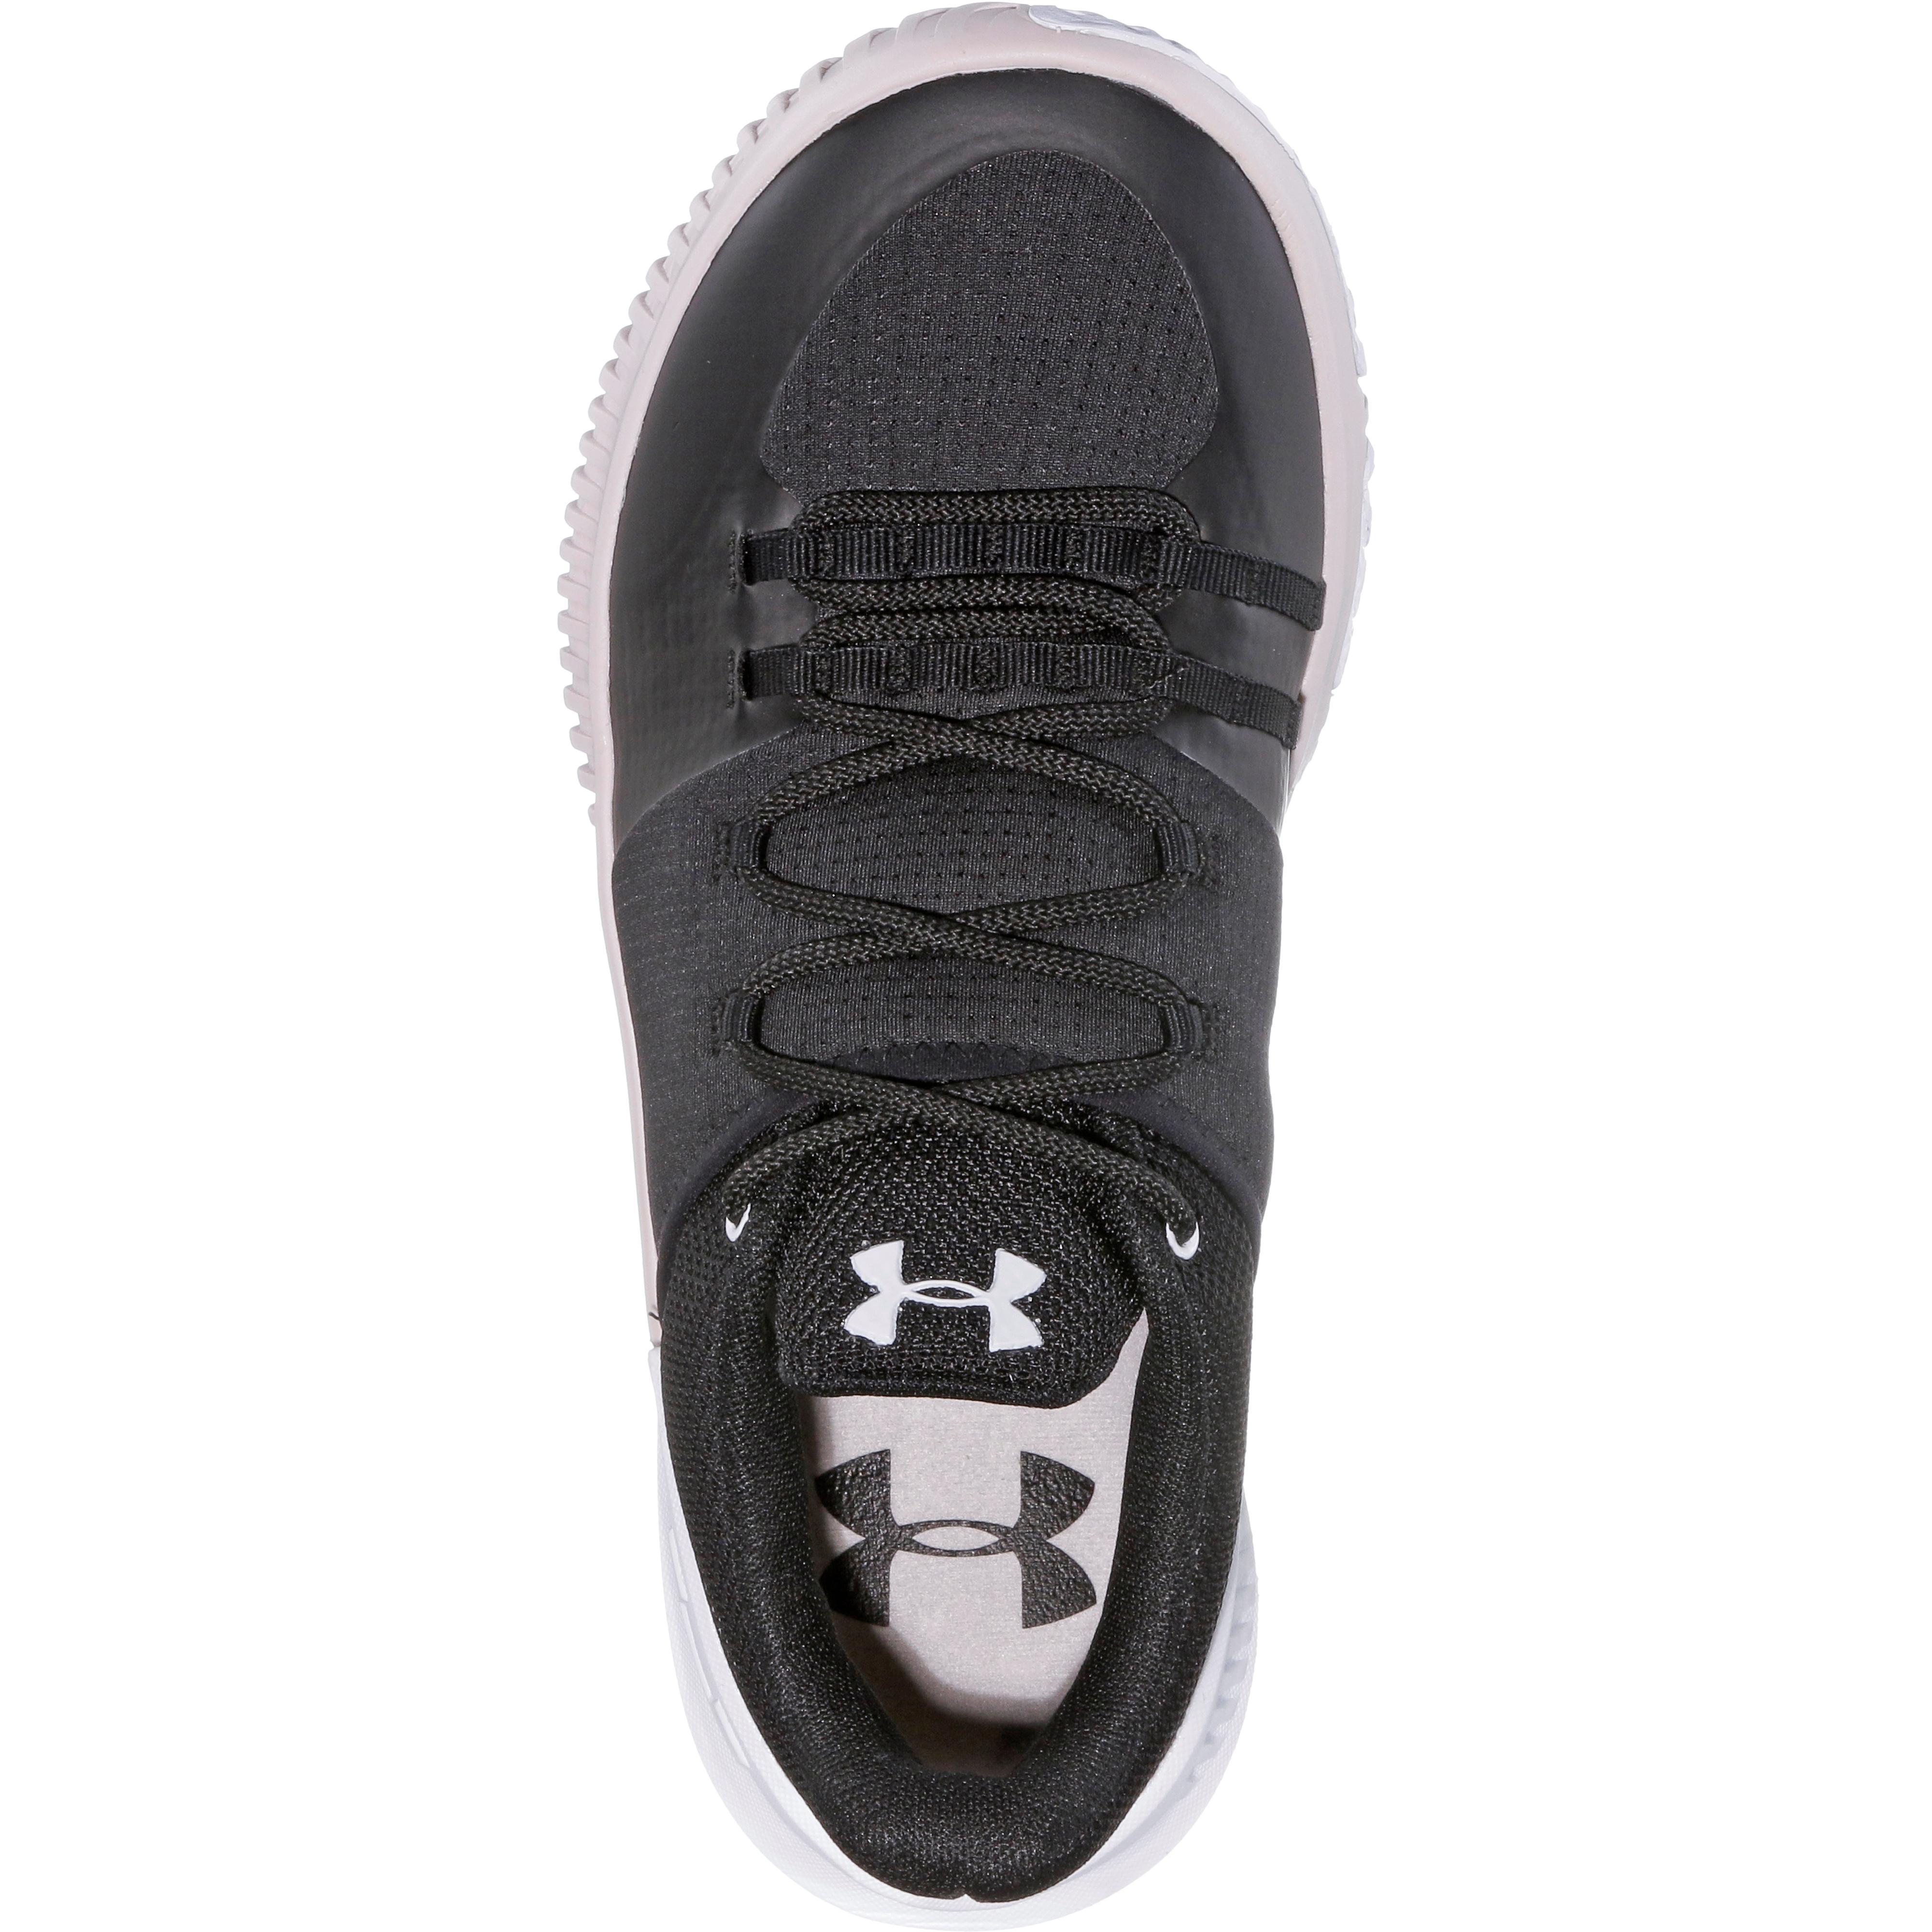 Under Armour Armour Armour Ultimate Speed Fitnessschuhe Damen schwarz-french grau-Weiß im Online Shop von SportScheck kaufen Gute Qualität beliebte Schuhe 6b5627